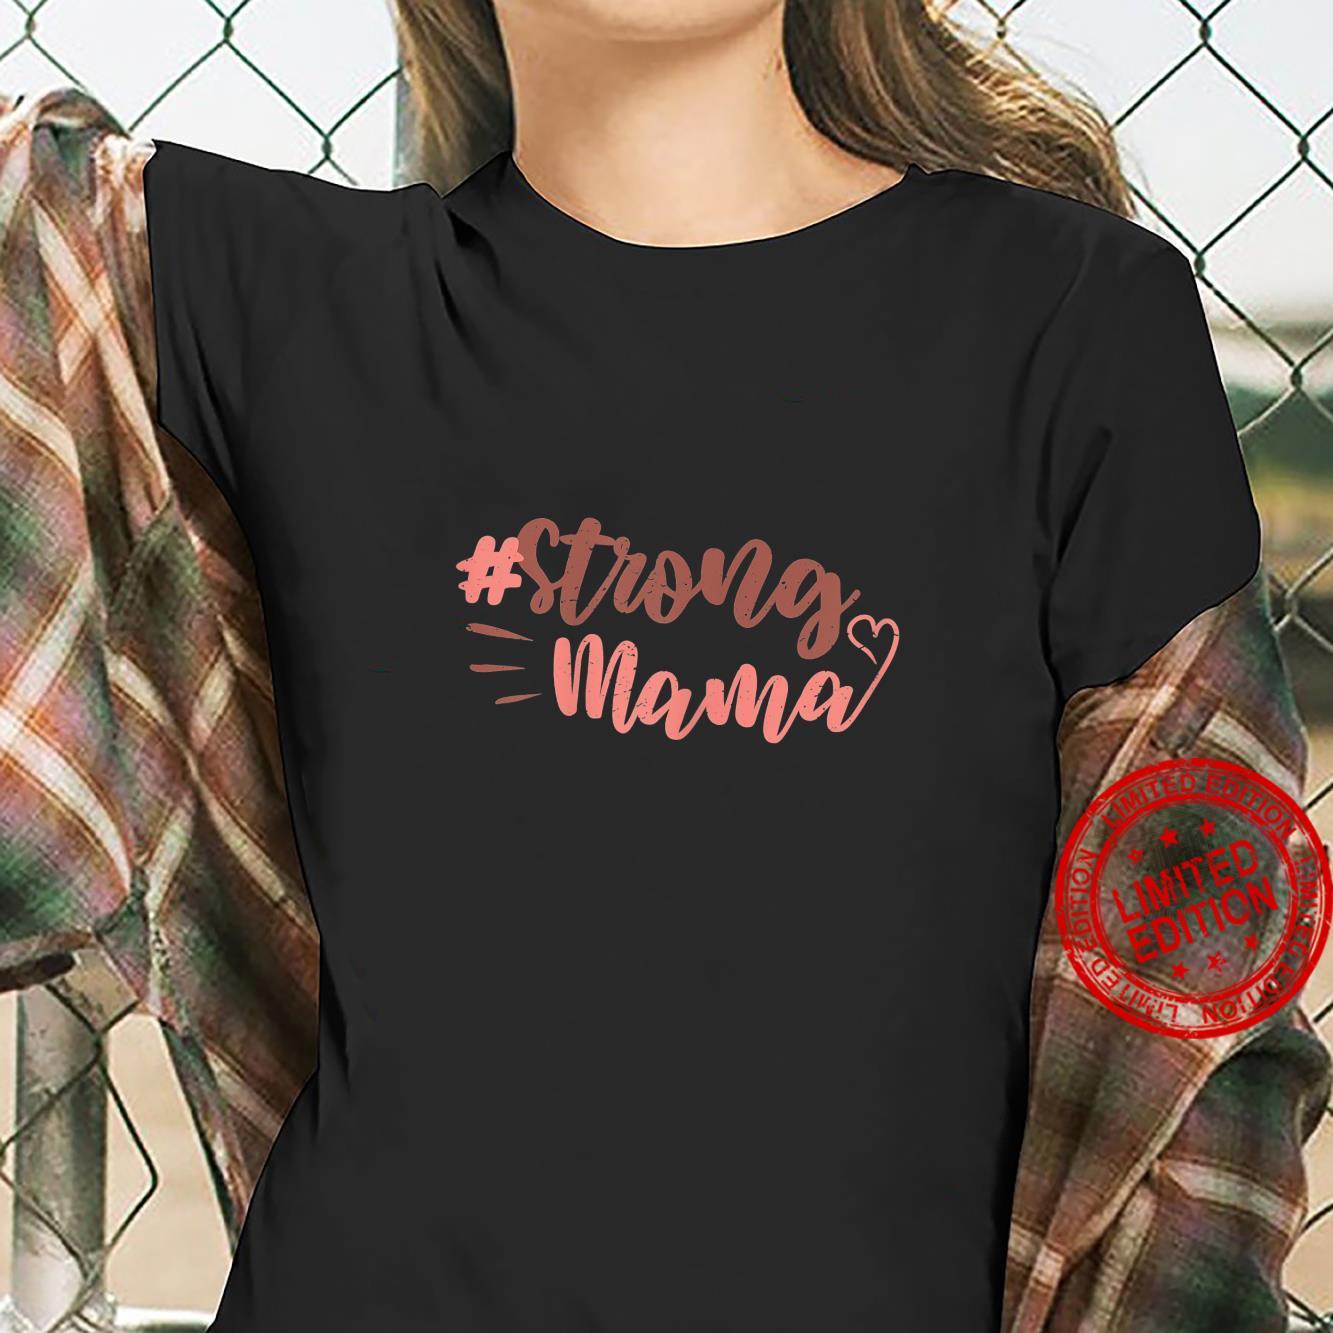 Damen Spruch Strong Mama für starke sexy Frauen Sommer Shirt ladies tee